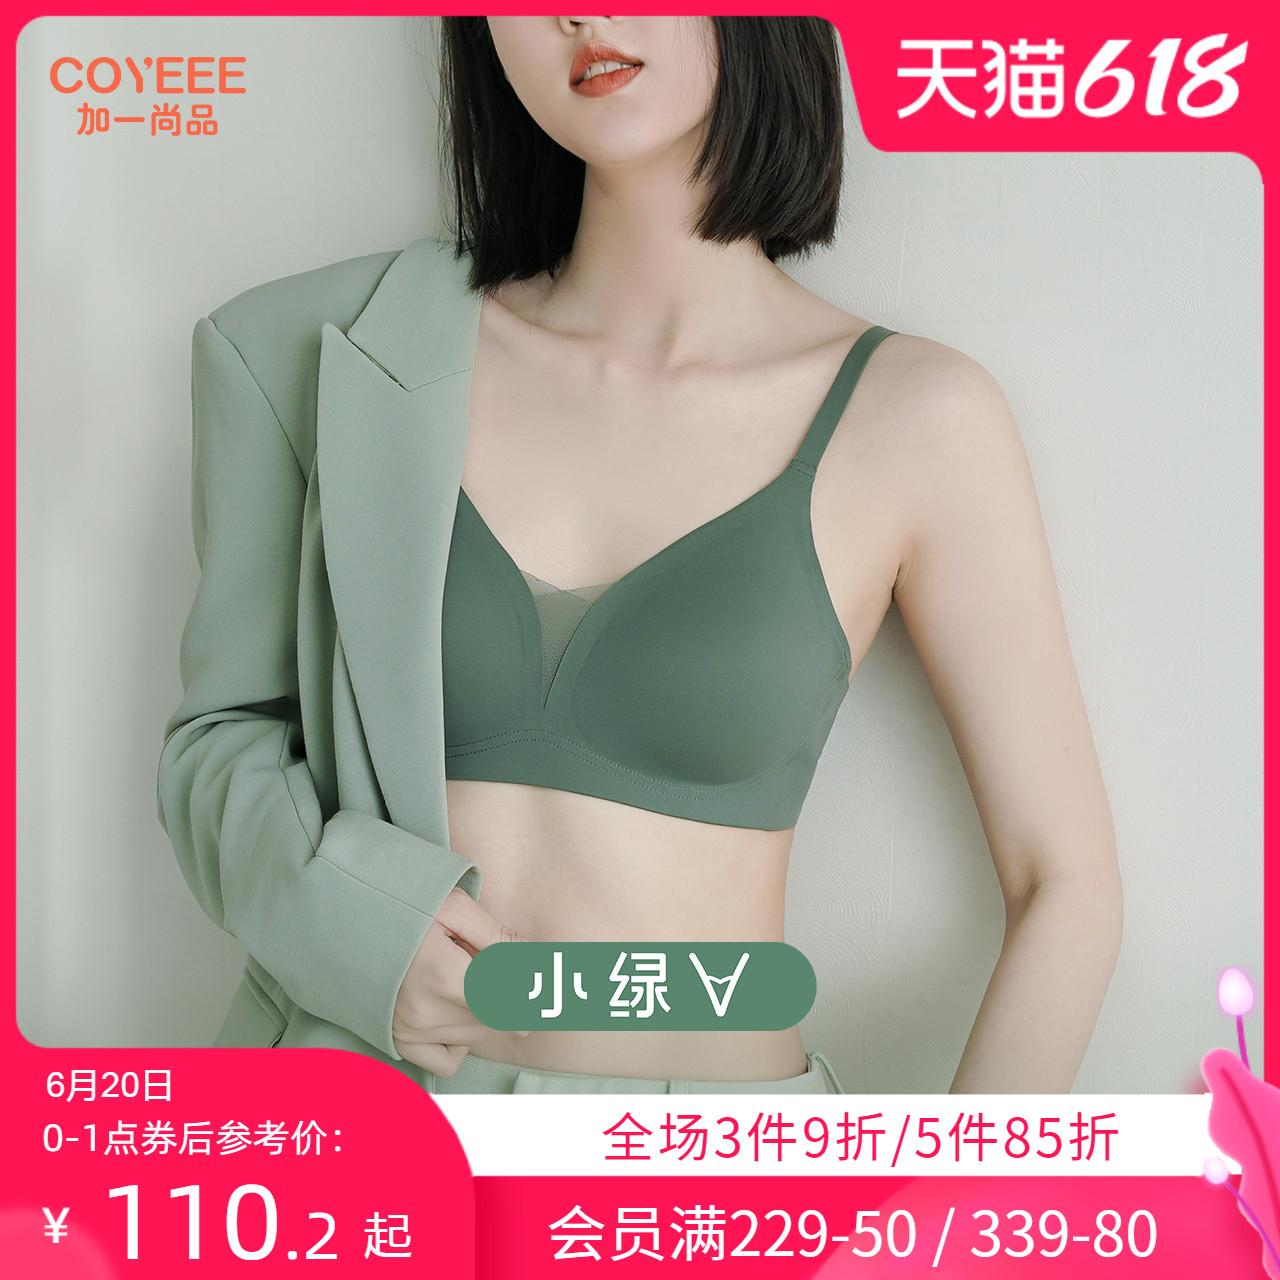 加一尚品【小绿v】薄款无痕胸罩